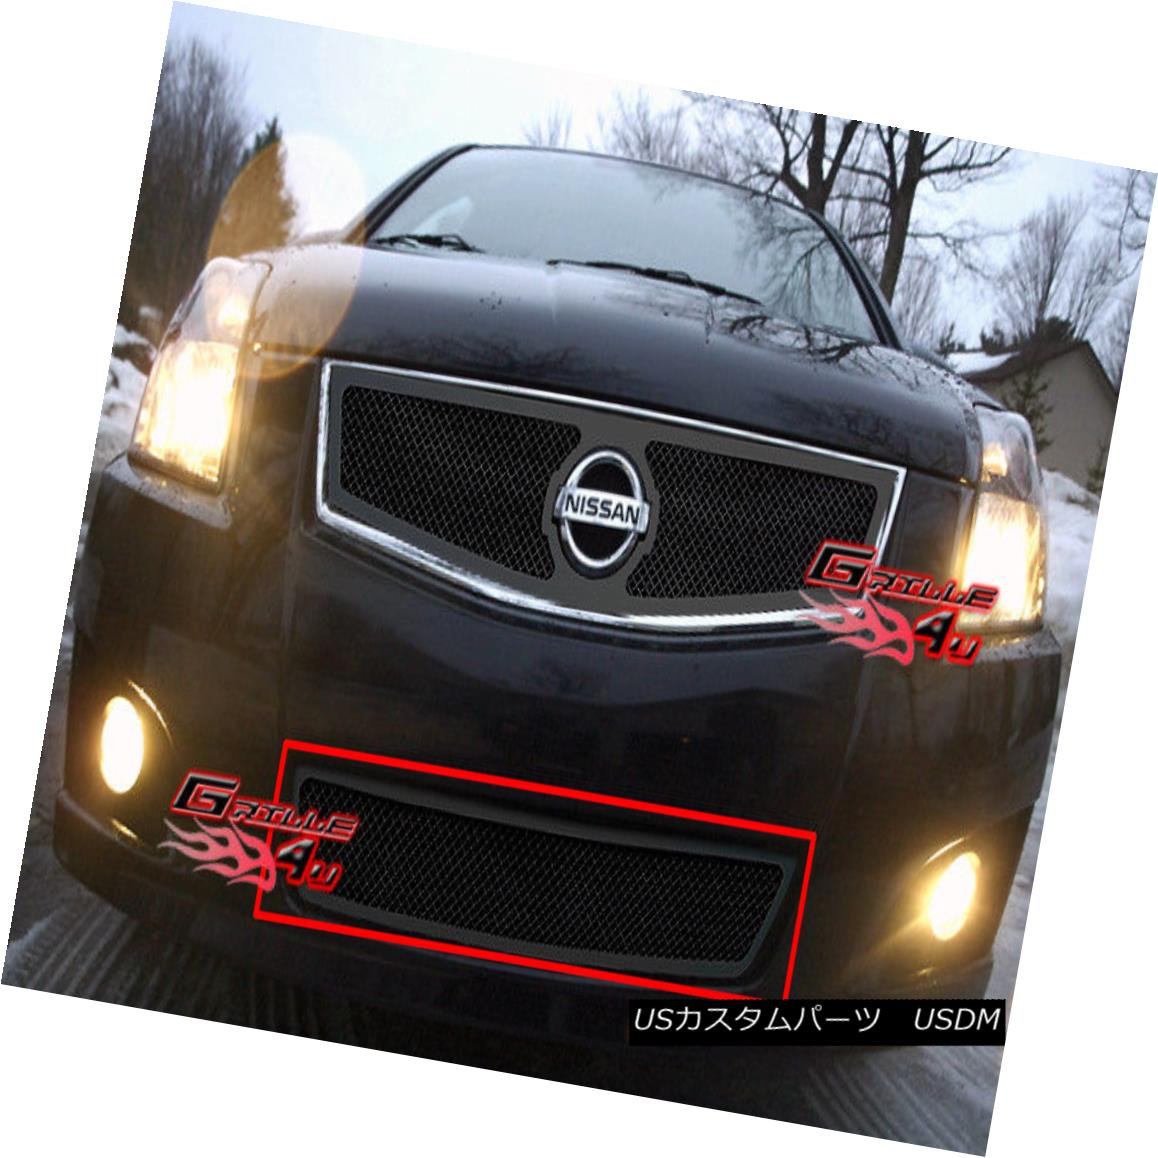 グリル Fits 07-10 Nissan Sentra SE-R Lower Bumper Black Mesh Grille フィット07-10日産セントラSE-Rロワーバンパーブラックメッシュグリル